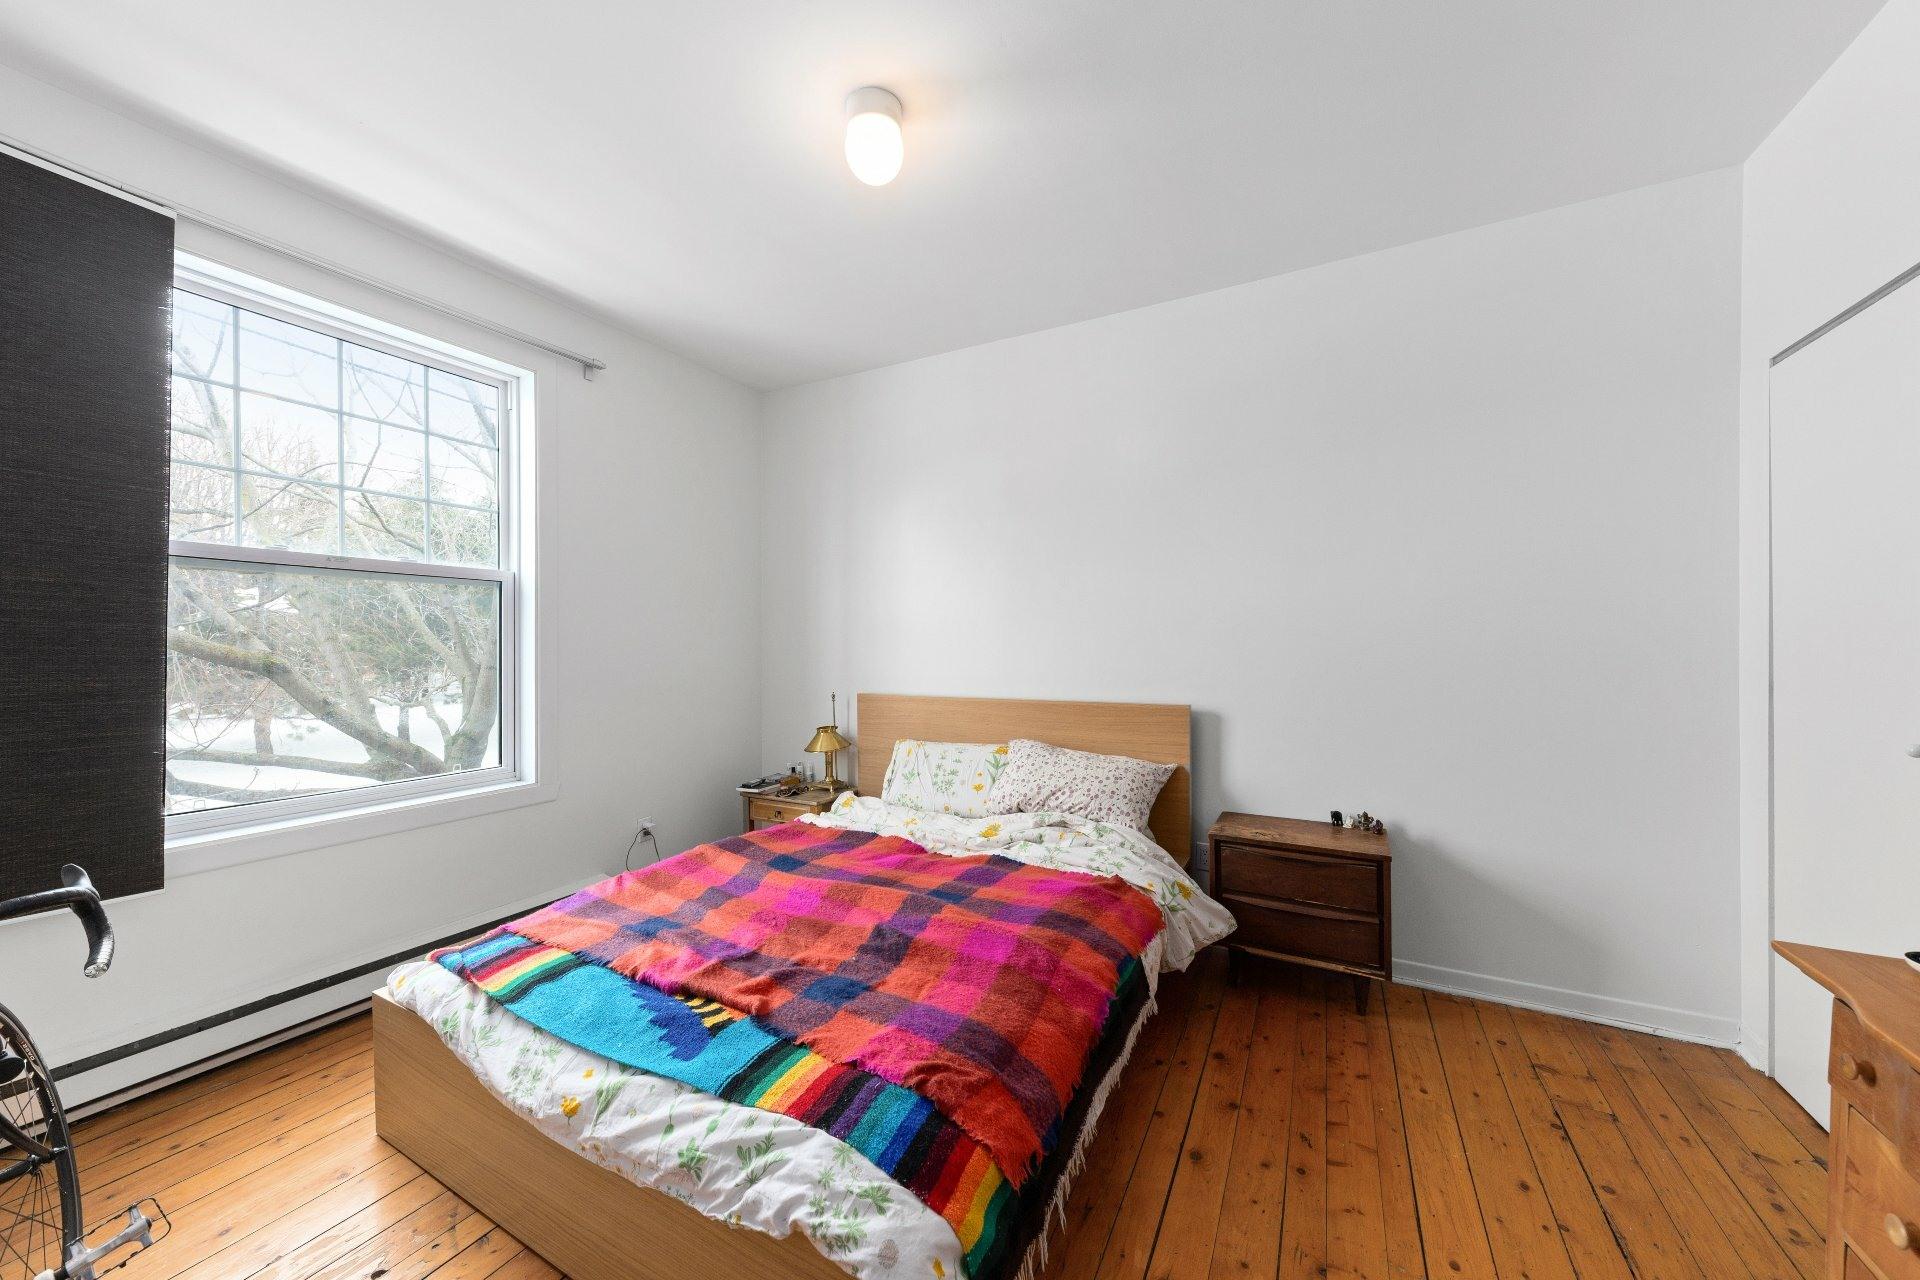 image 31 - Duplex For sale Le Plateau-Mont-Royal Montréal  - 5 rooms